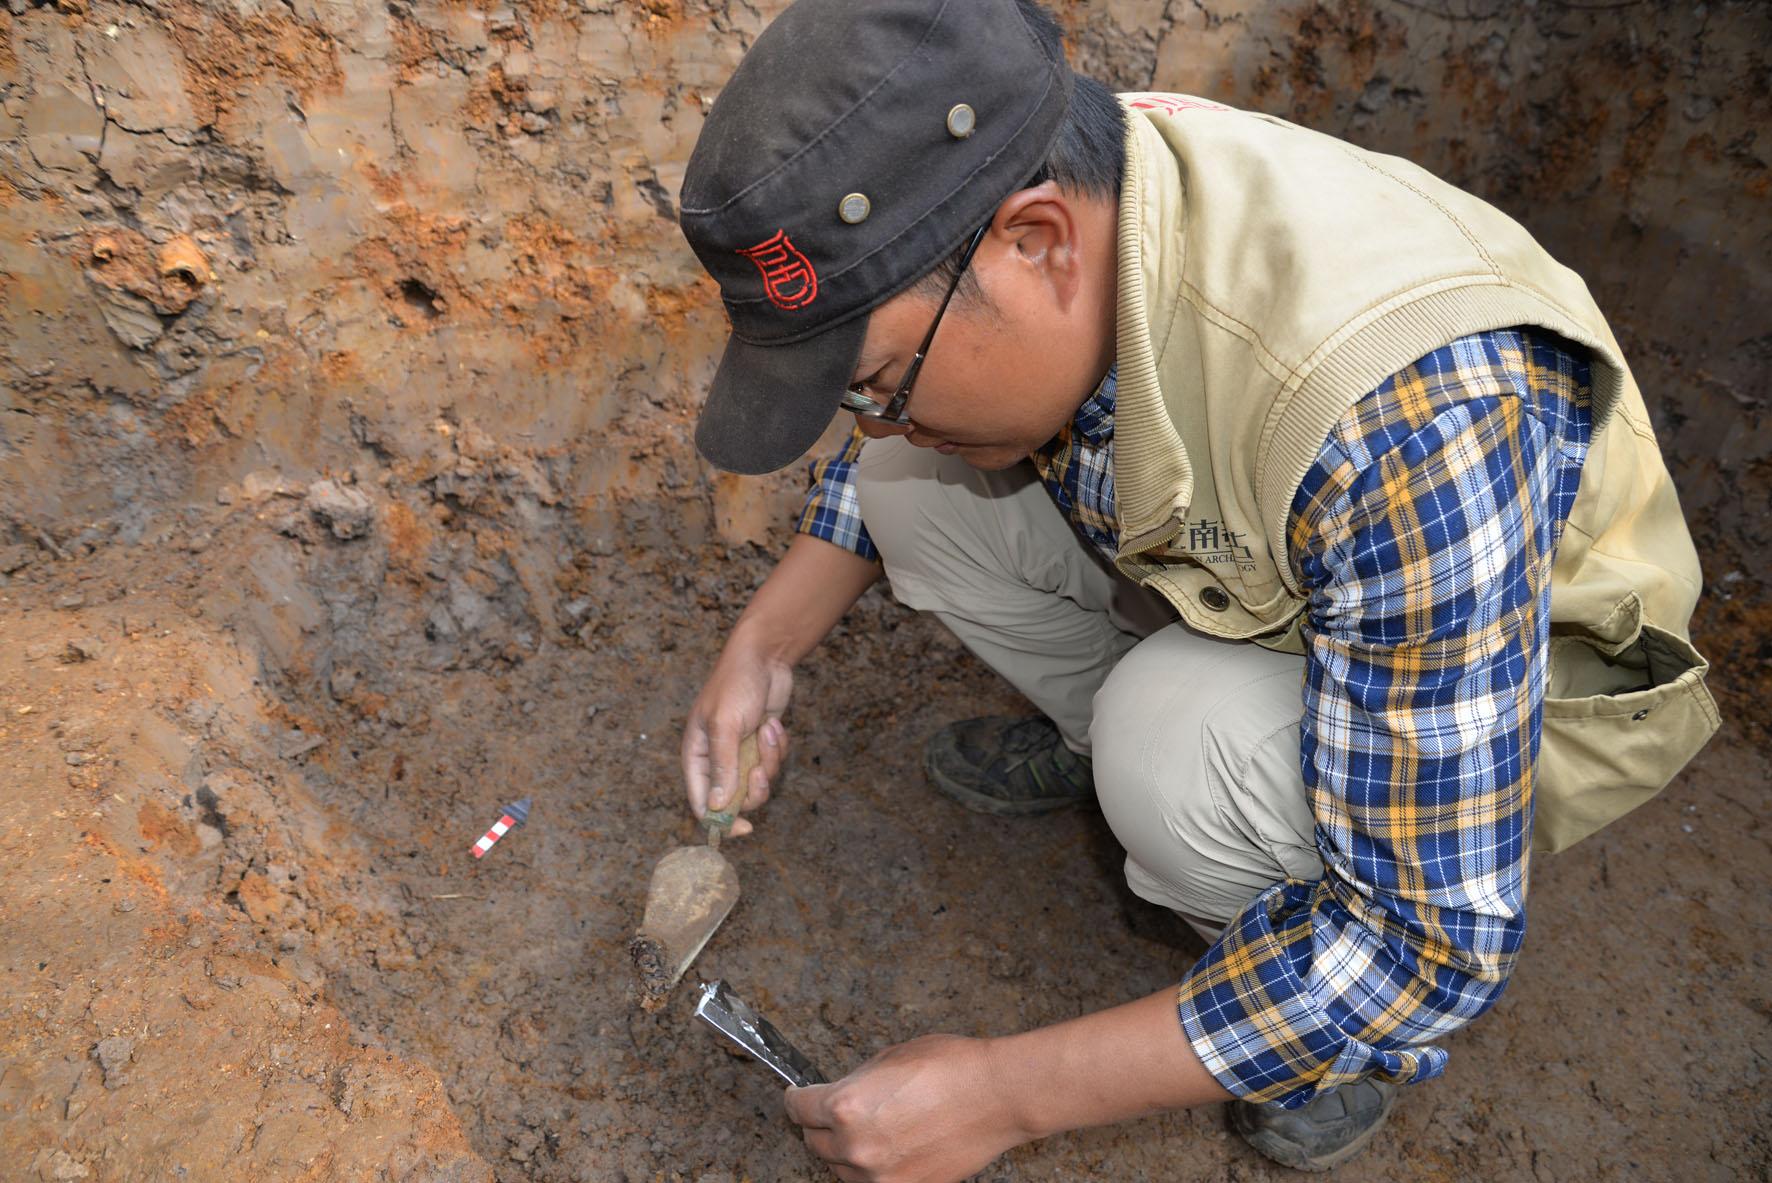 v文物文物的人都是考古学家?--《自助神秘的深圳叩开旅游景点攻略图片